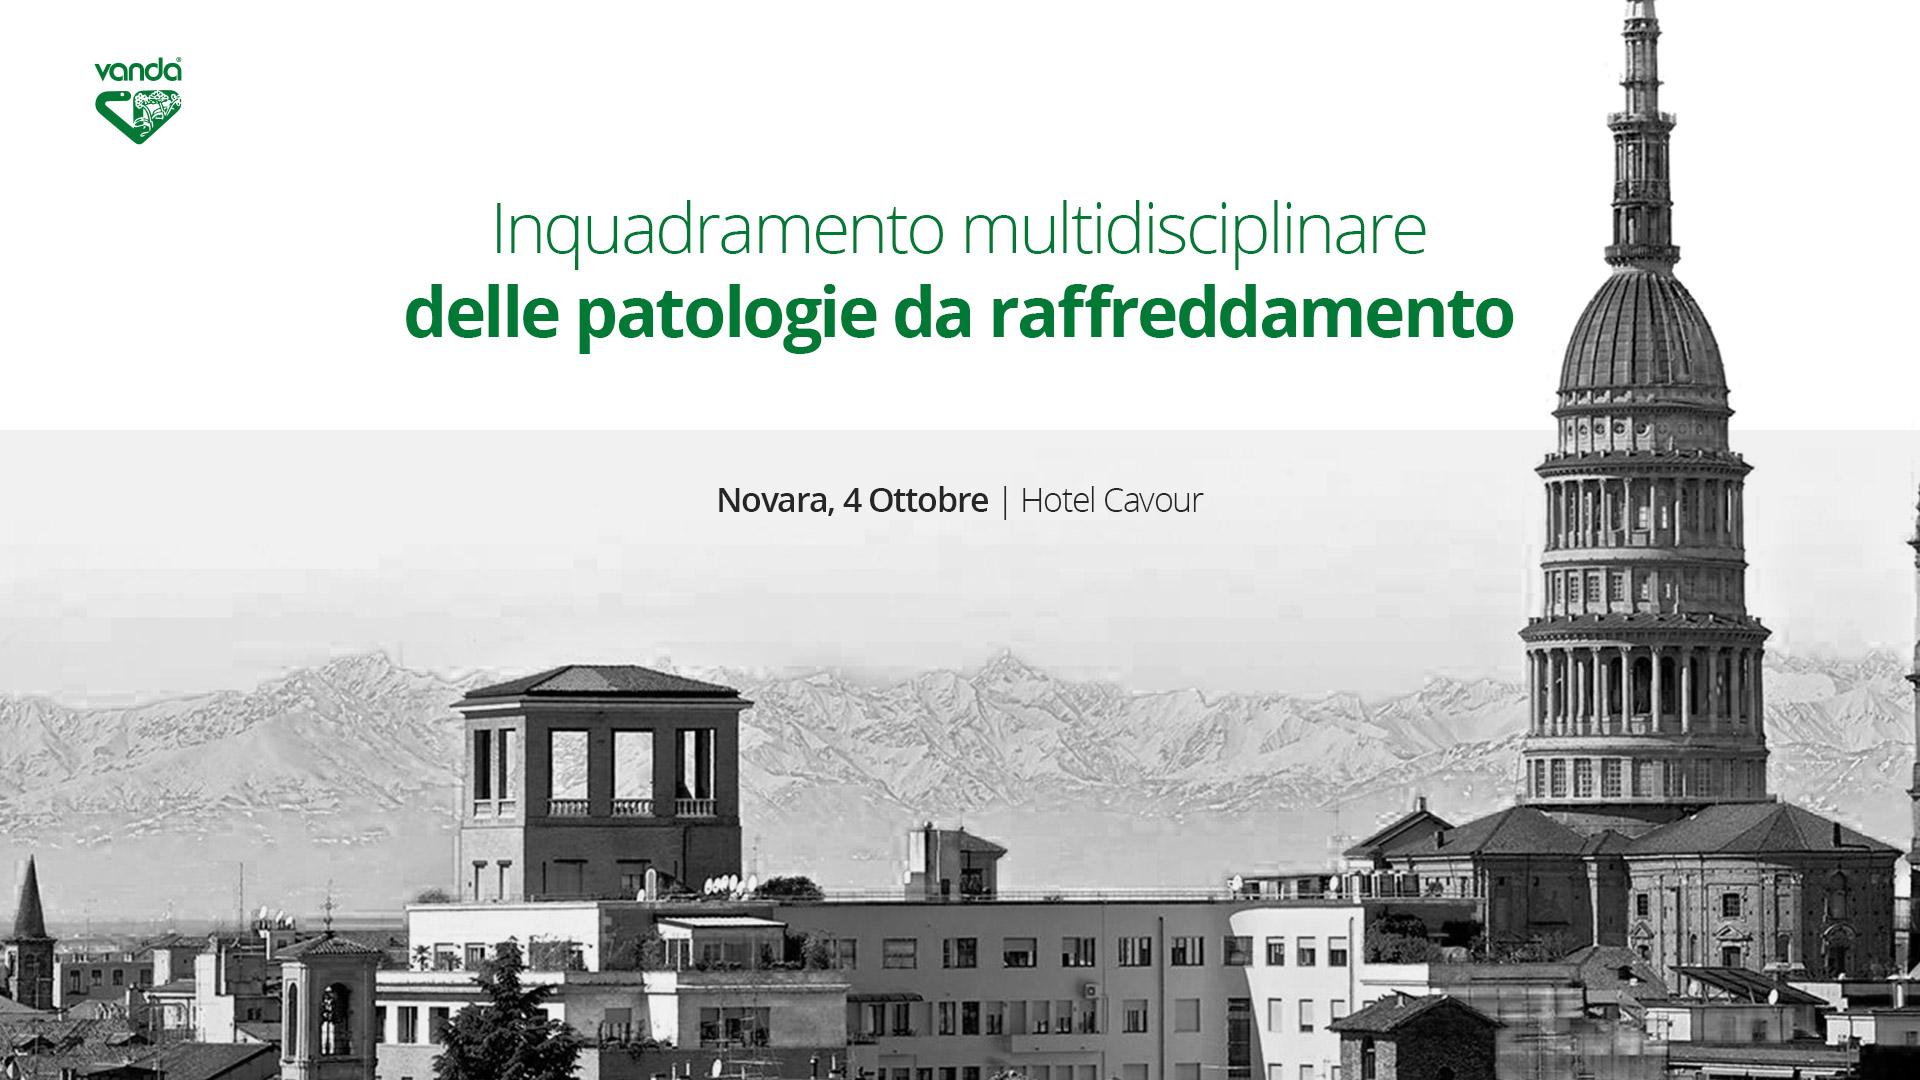 Novara, 4 Ottobre: Inquadramento multidisciplinare delle patologie da raffreddamento